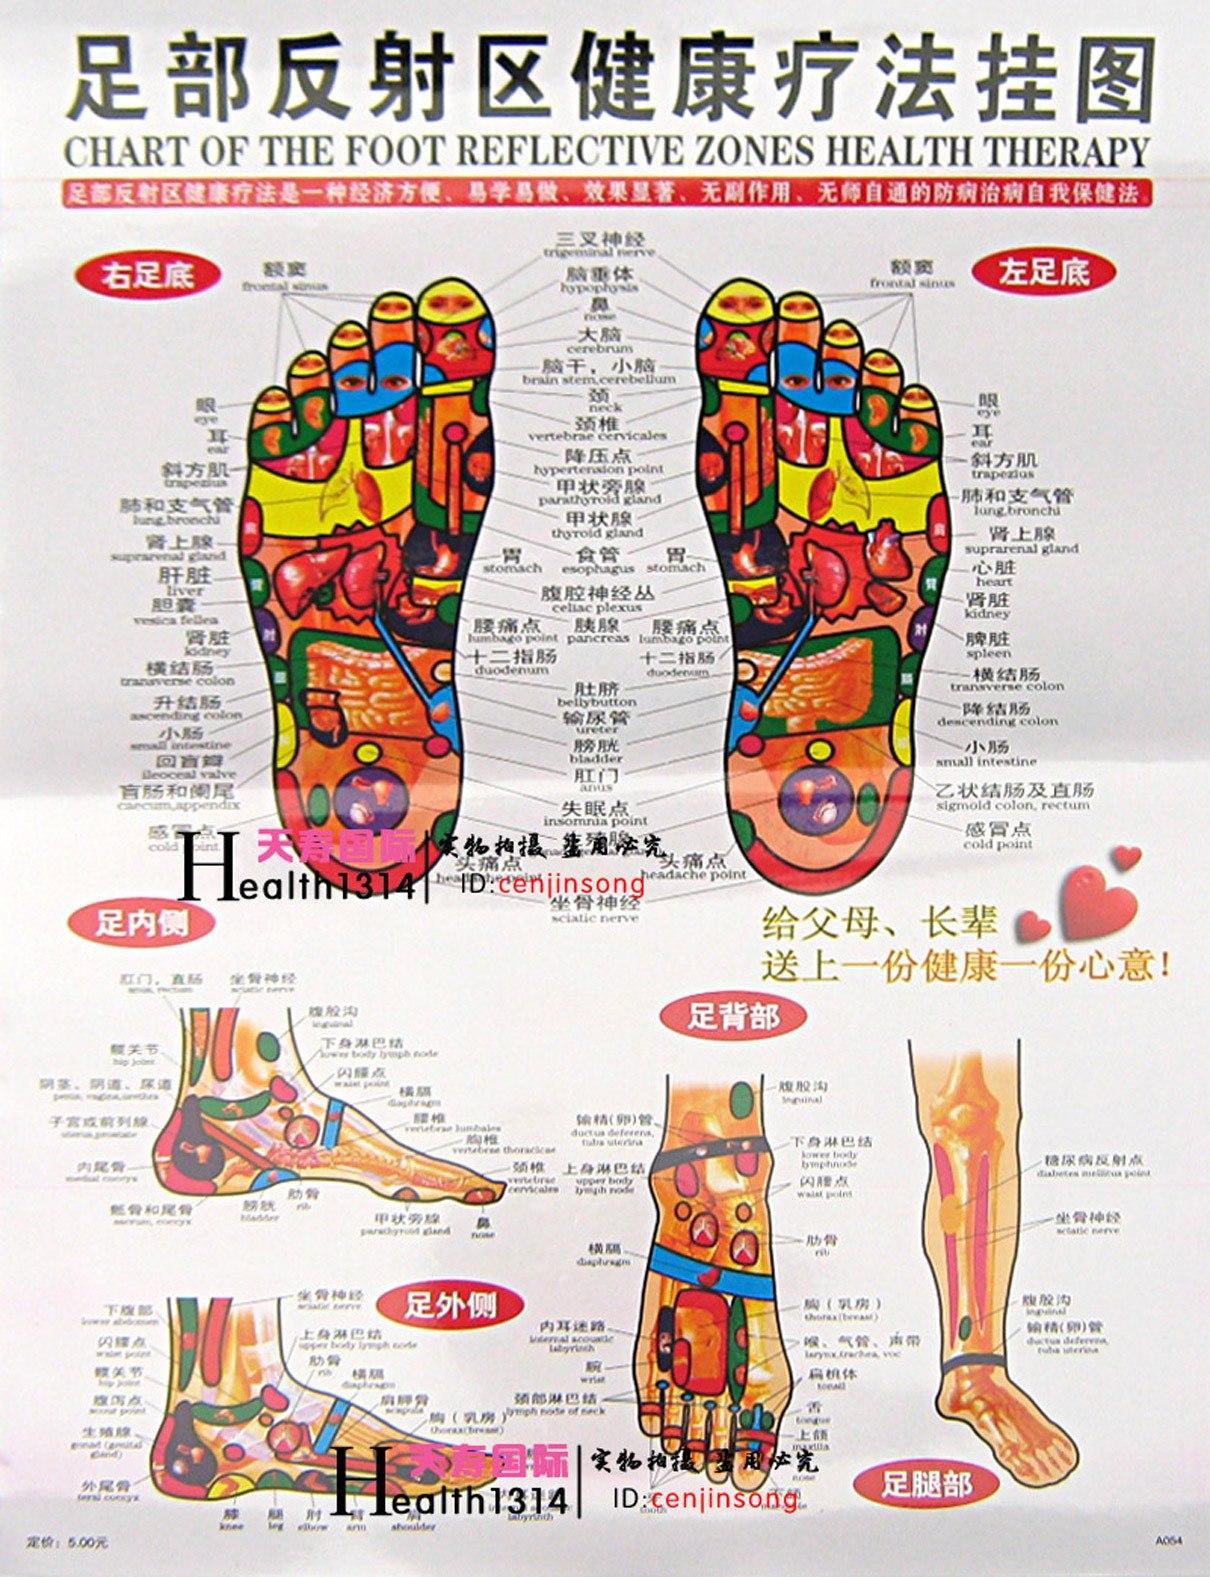 杨奕足底按摩穴位图_足部反射区健康疗法挂图/中英文正版 足底穴位图 人体穴位图 家用